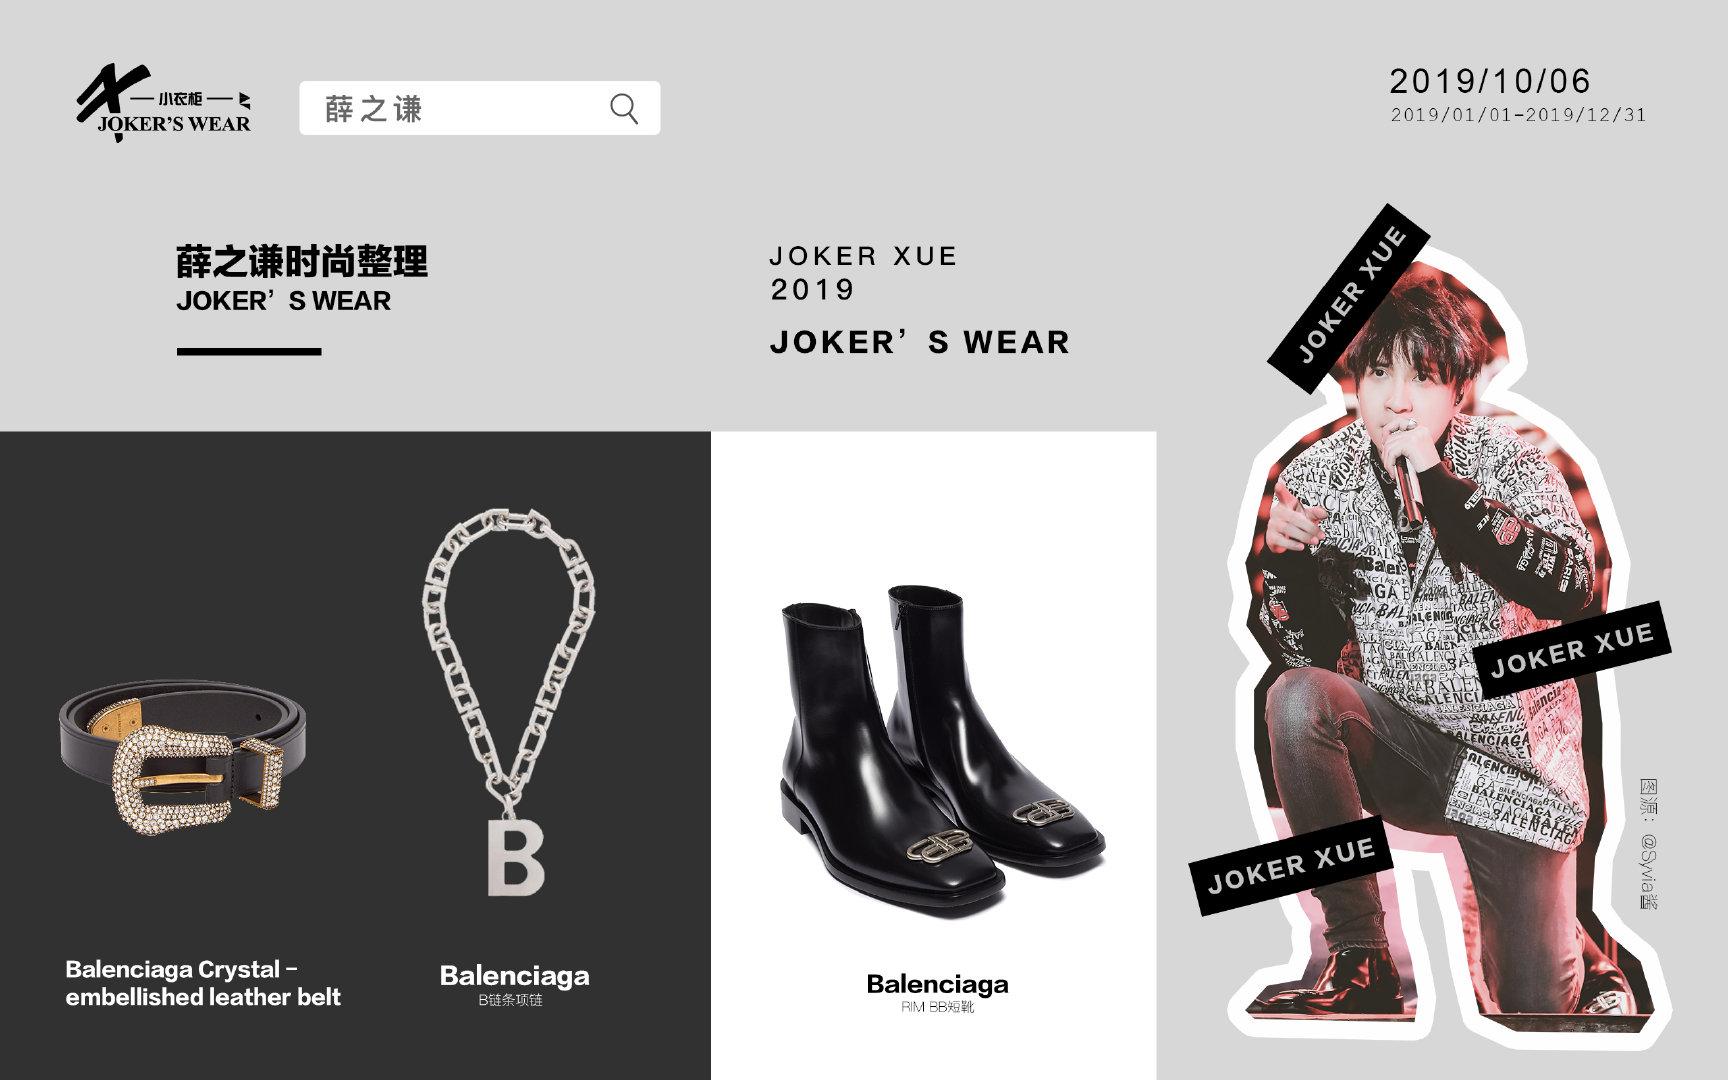 [薛之谦][分享]191006 薛之谦镇江音乐节时尚穿搭科普 来自老父亲的保暖小提示